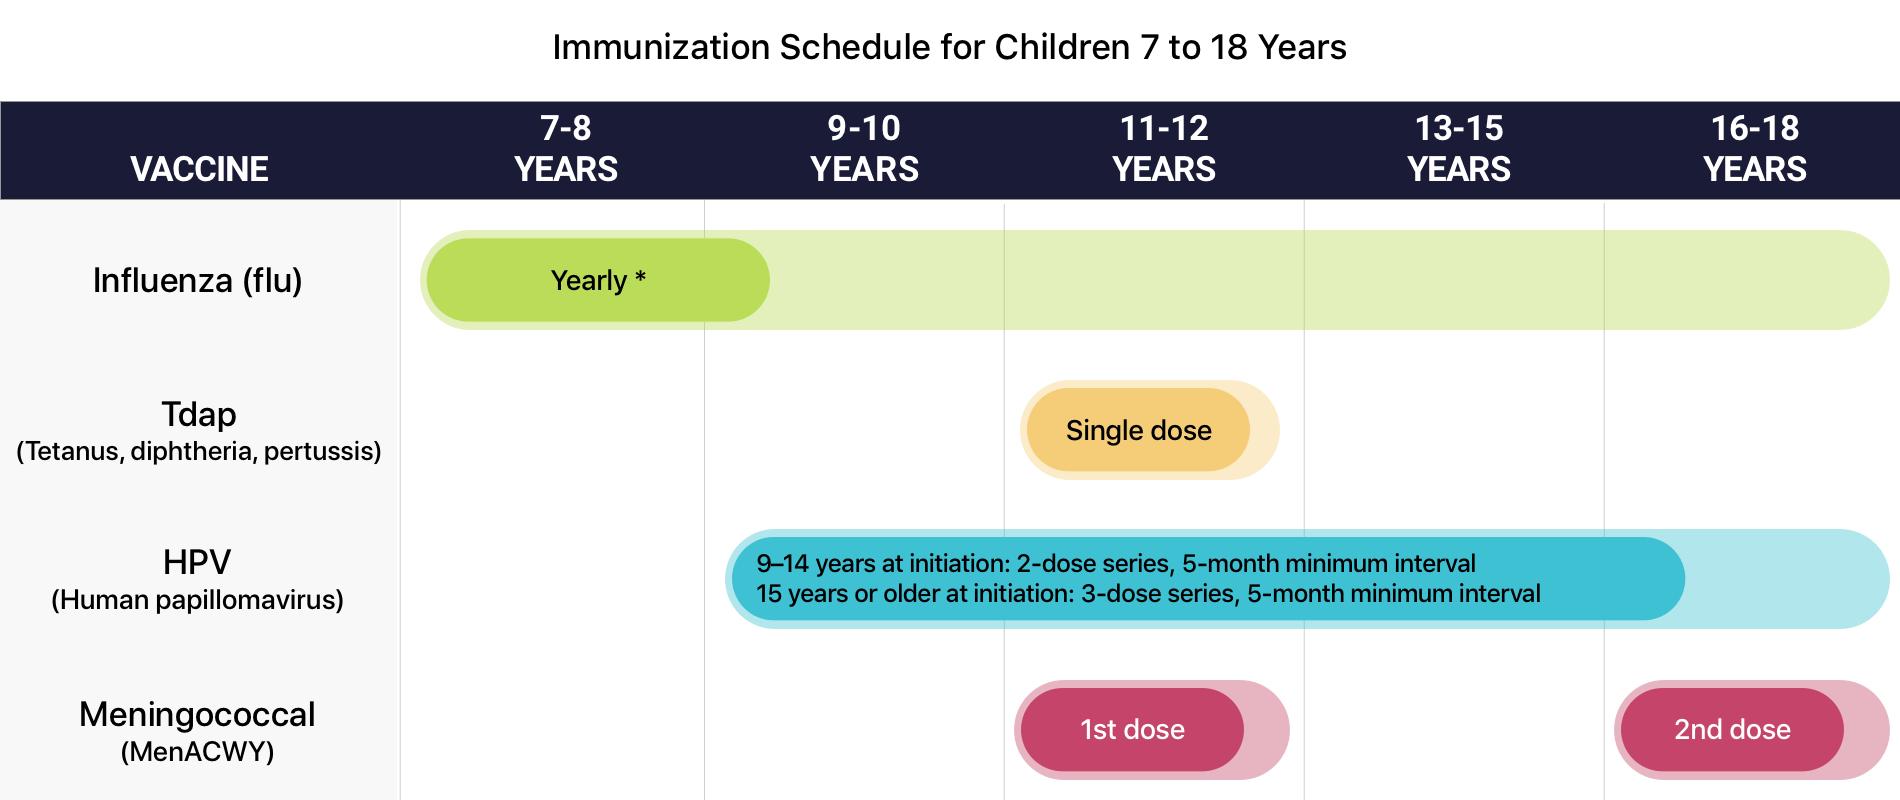 hpv virus vaccine schedule vaccination papillomavirus femme